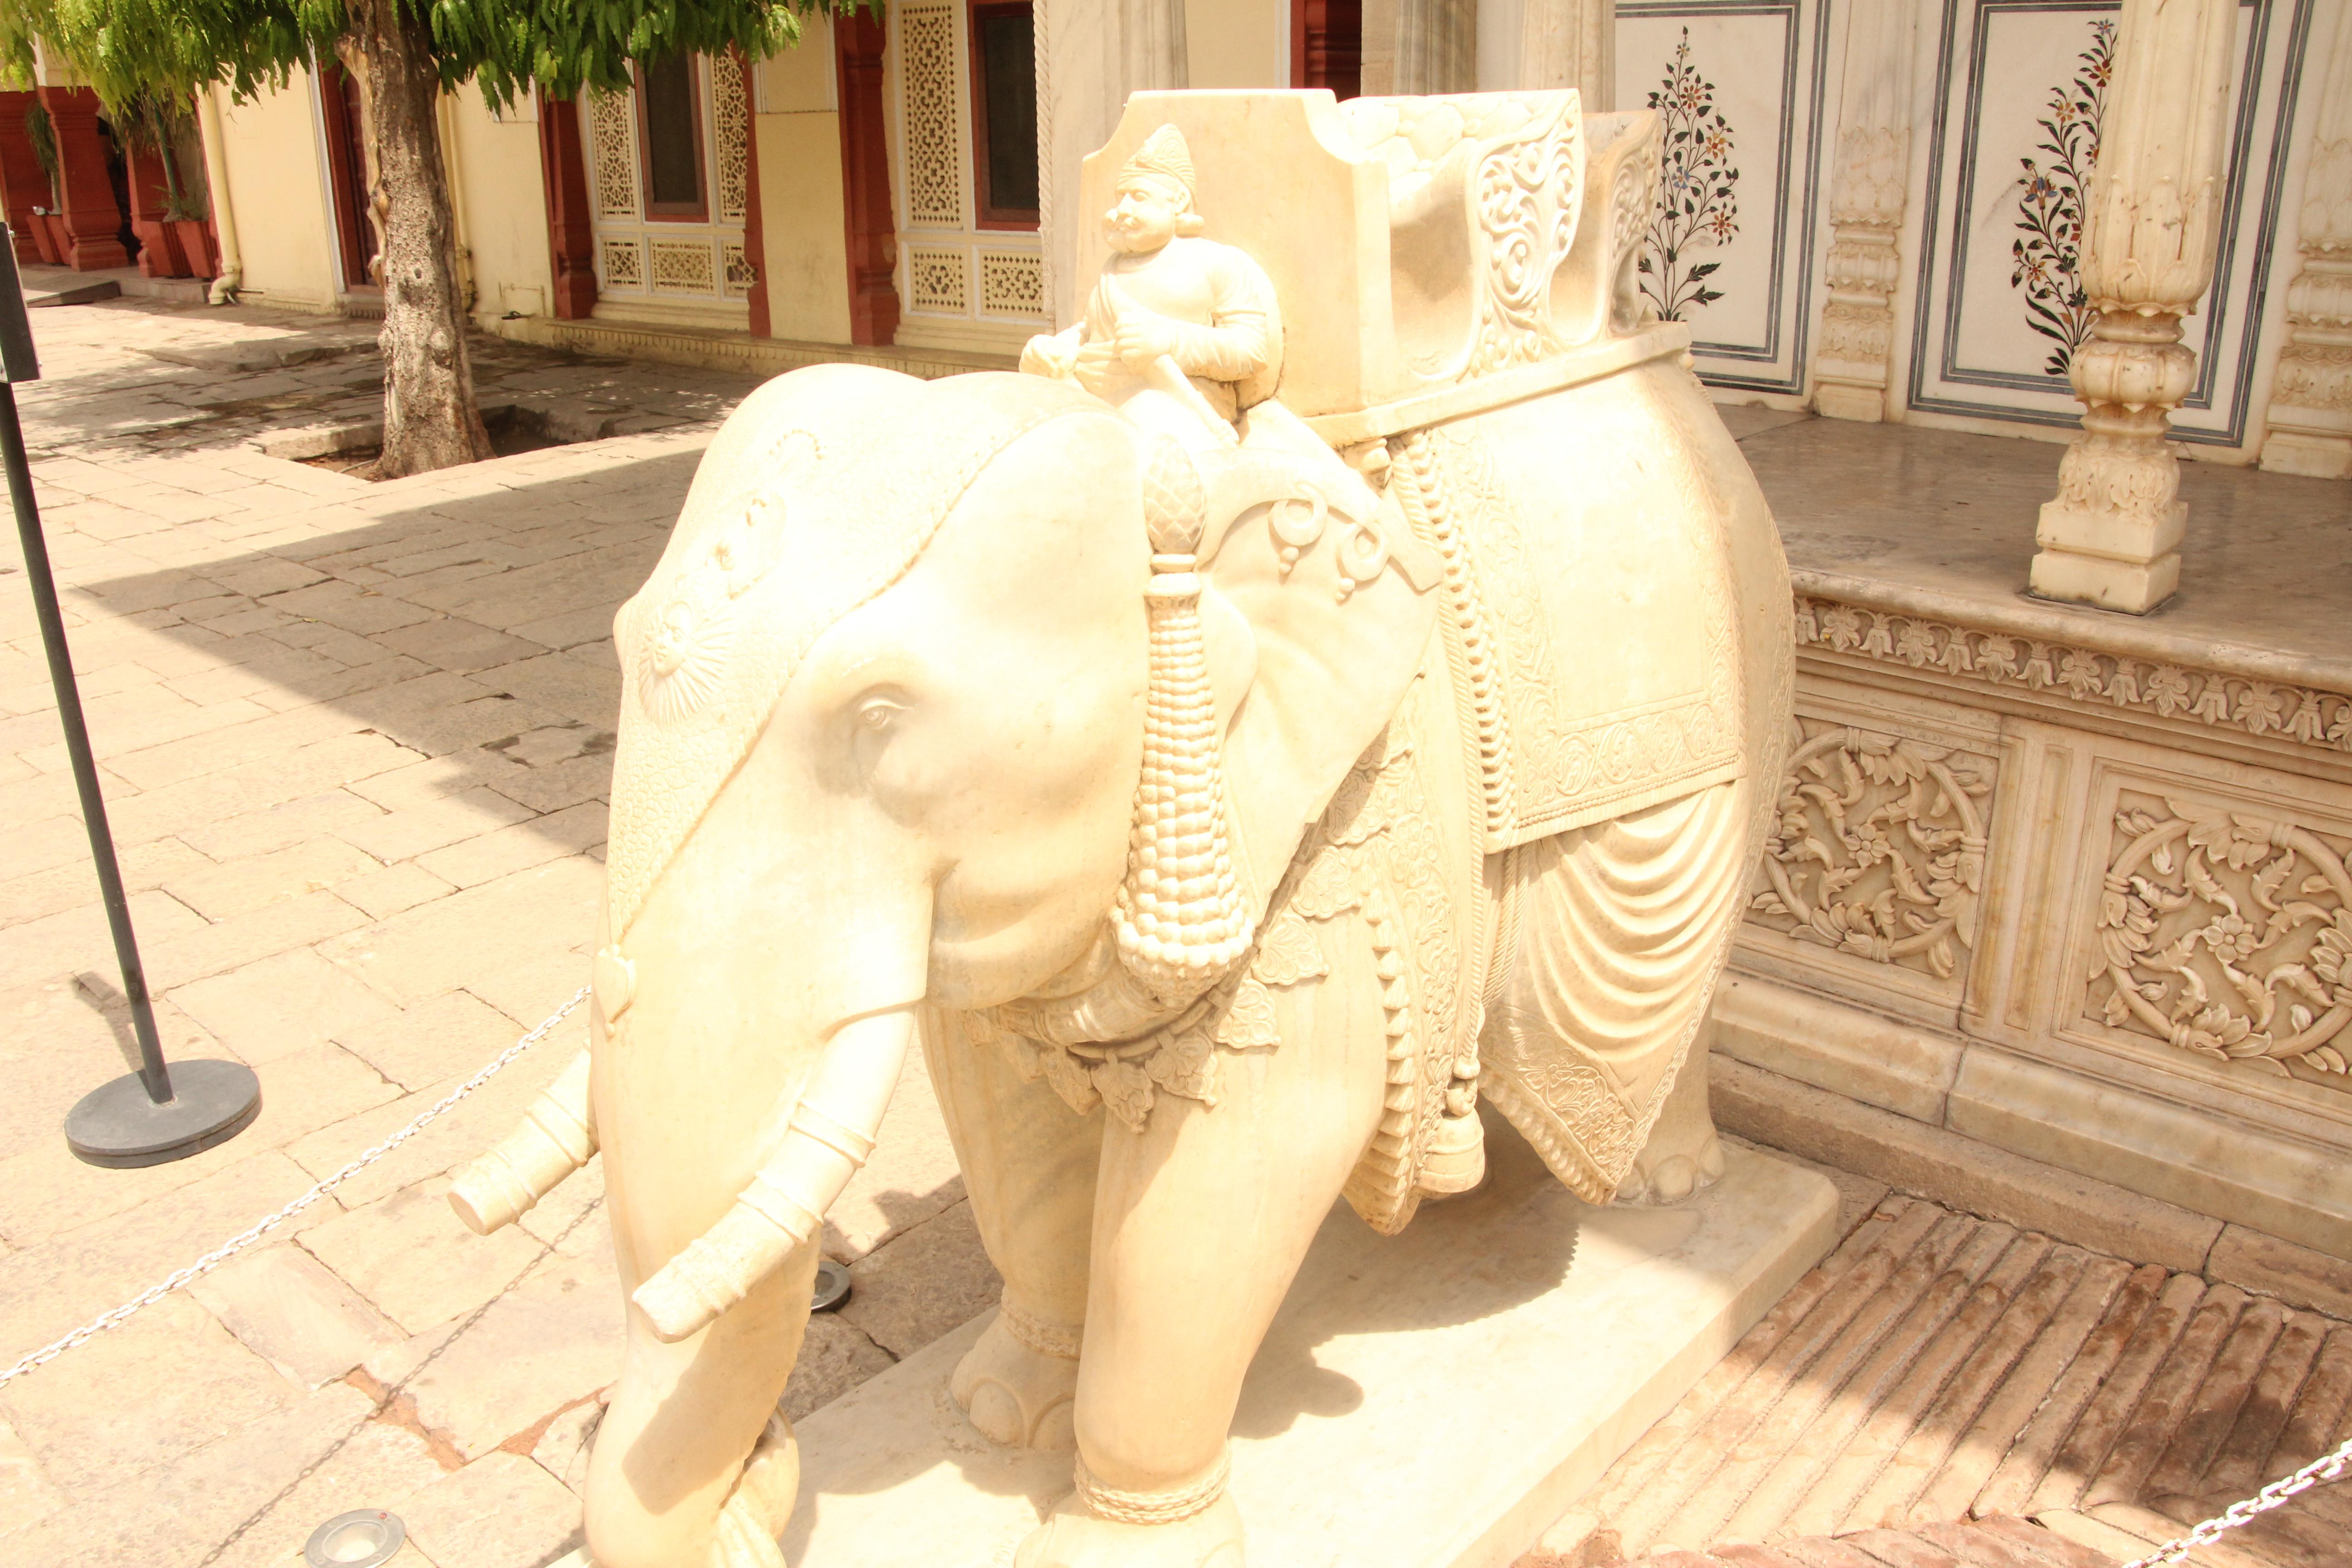 Pałac Miejski w Jaipurze (zdj. Krzysztof Bońkowski)